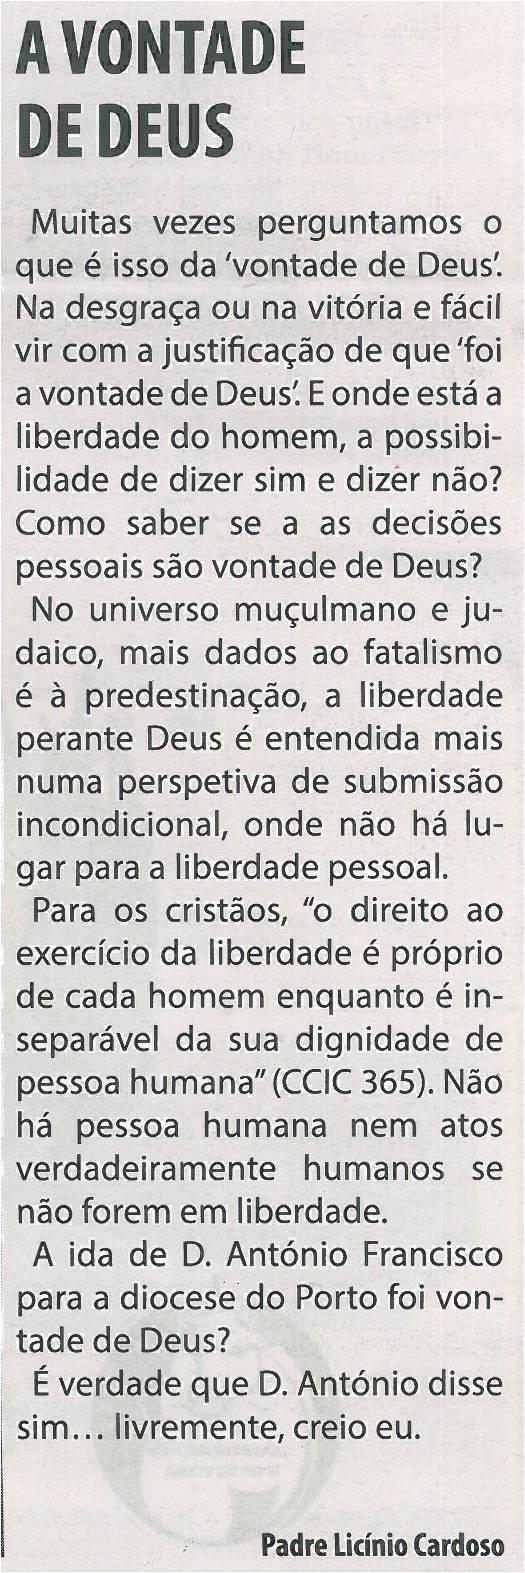 TV-mar14-p1-A vontade de Deus